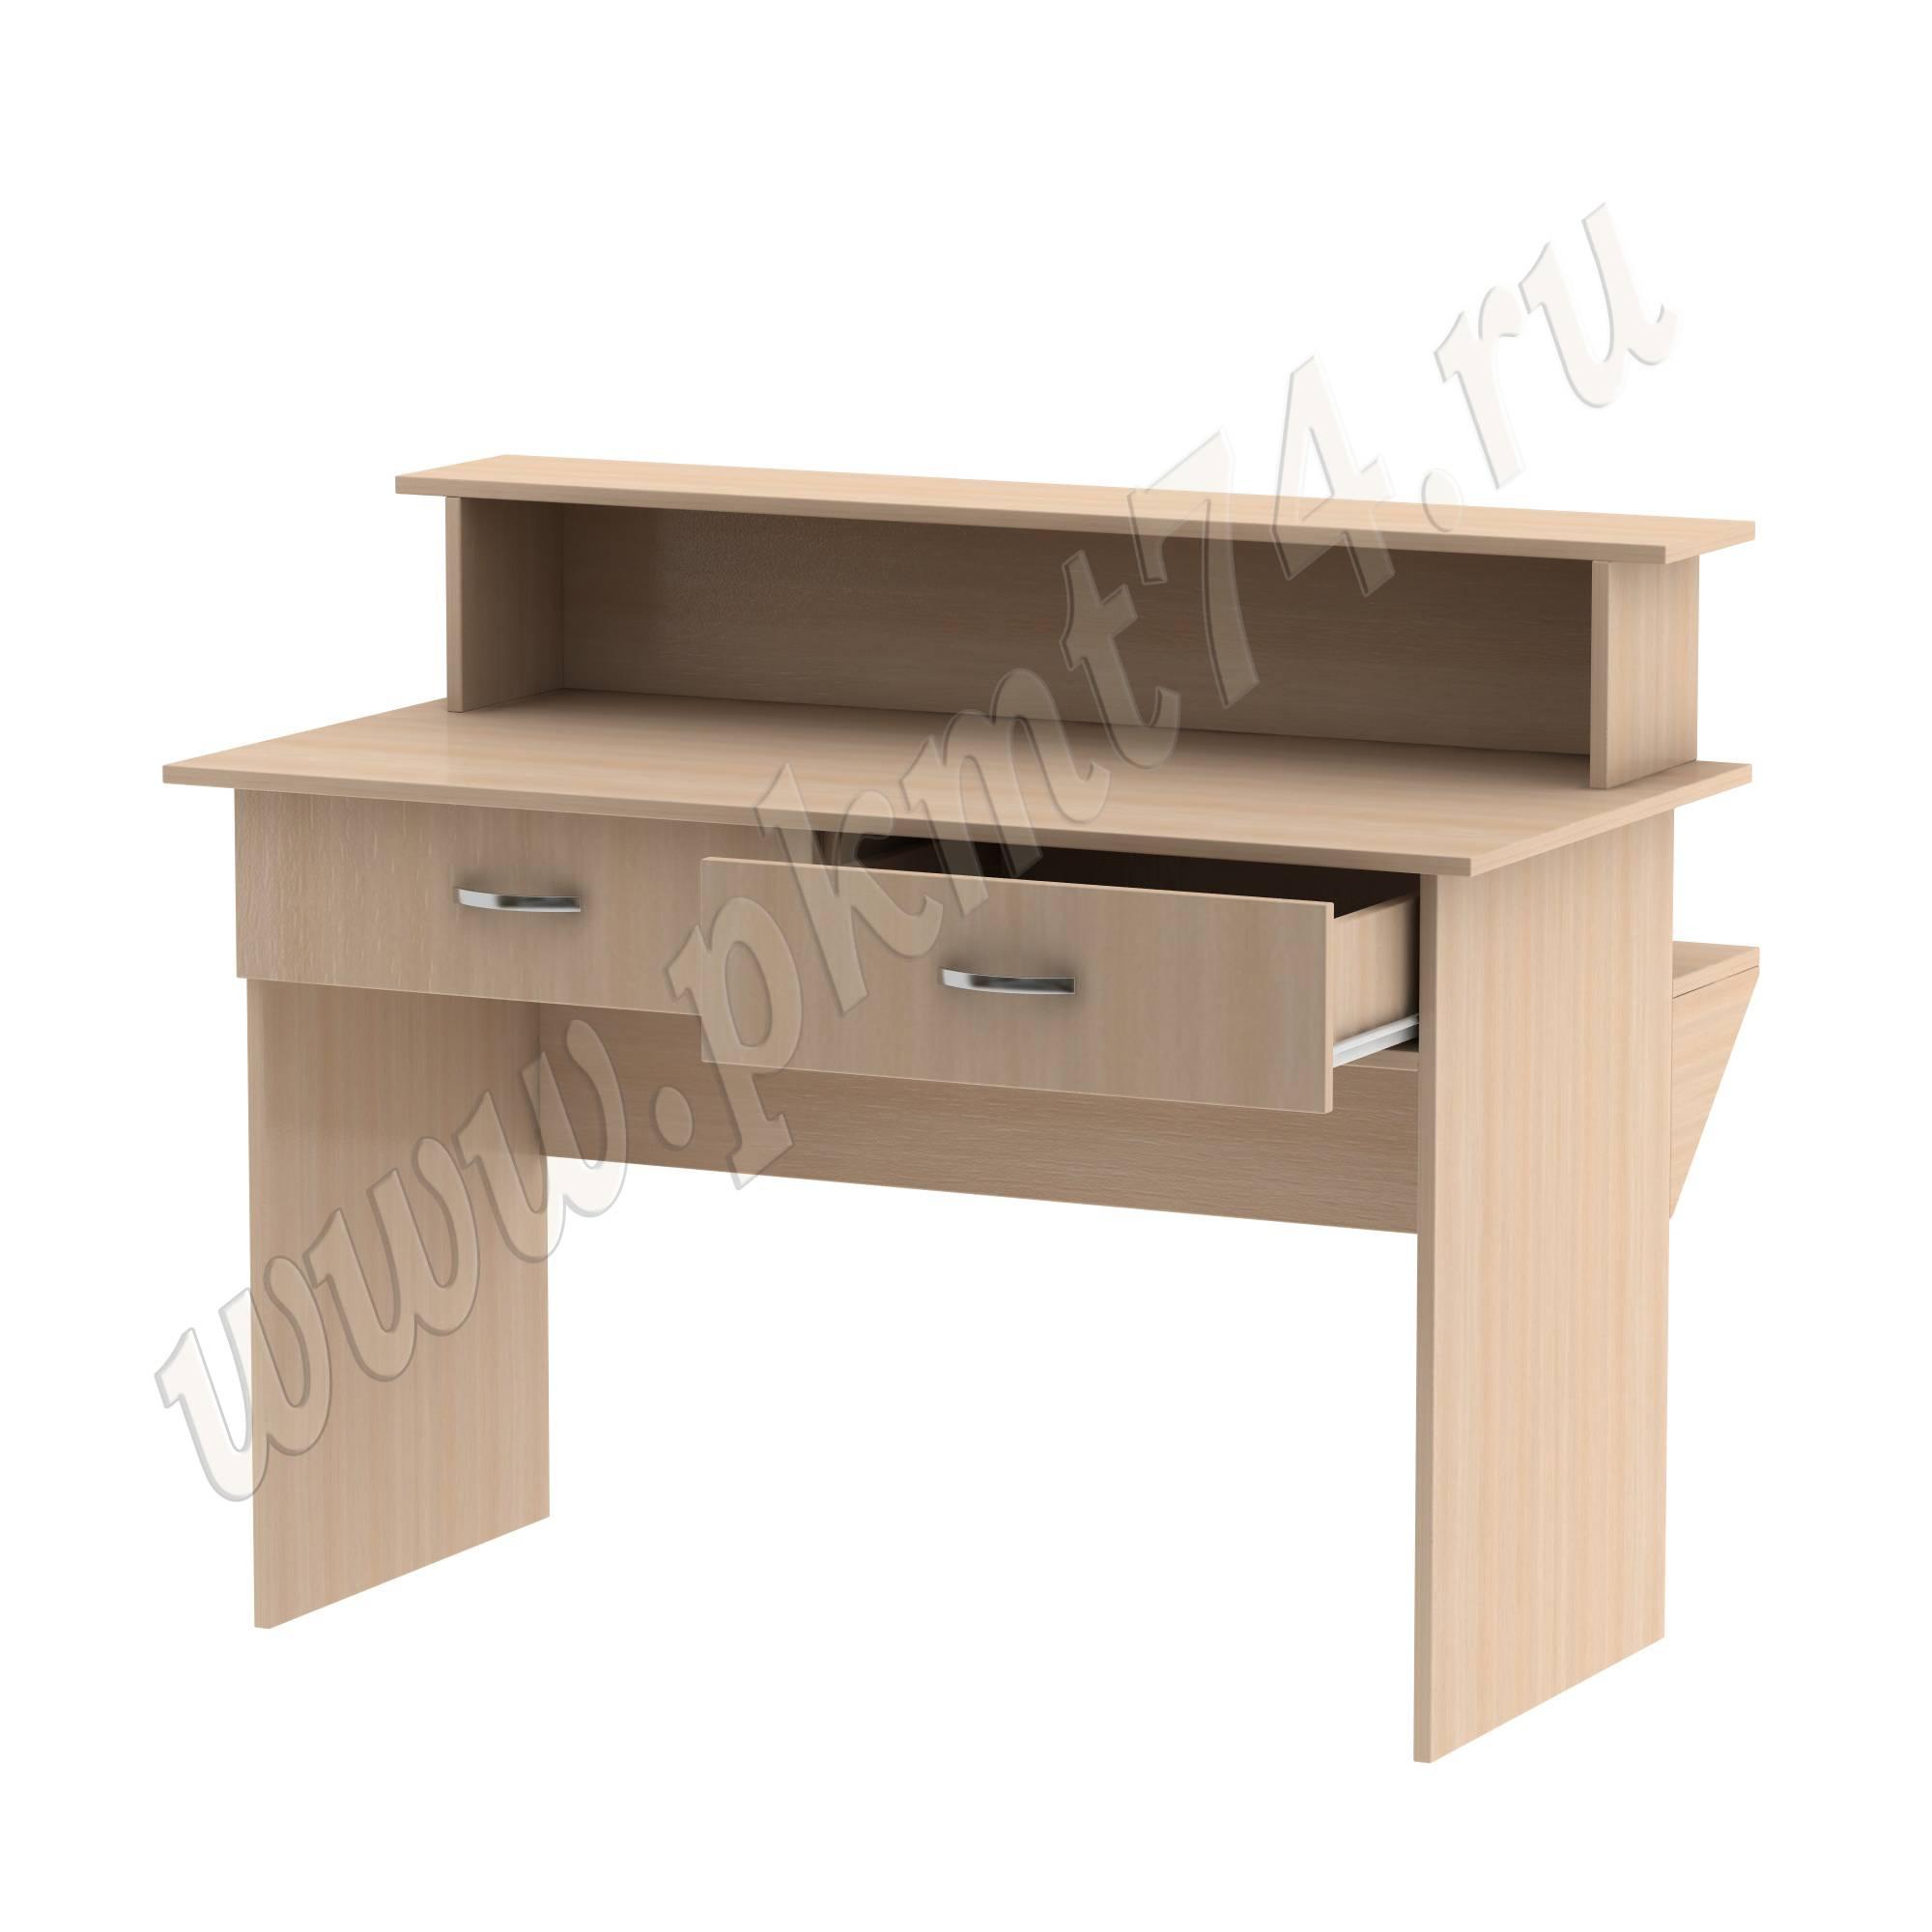 Стол барьер с ящиками под формуляры [Цвет ЛДСП:: дуб Молочный]